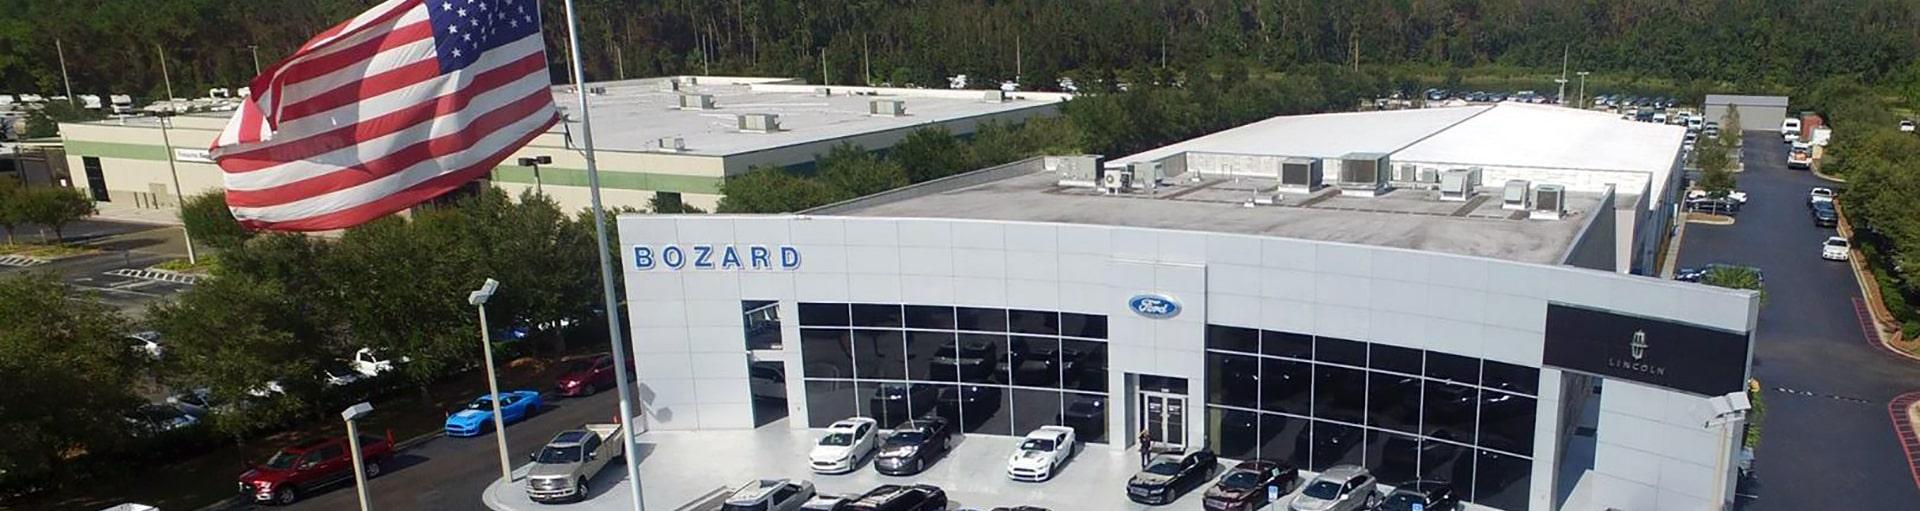 Bozard Ford Lincoln Service & Parts Specials